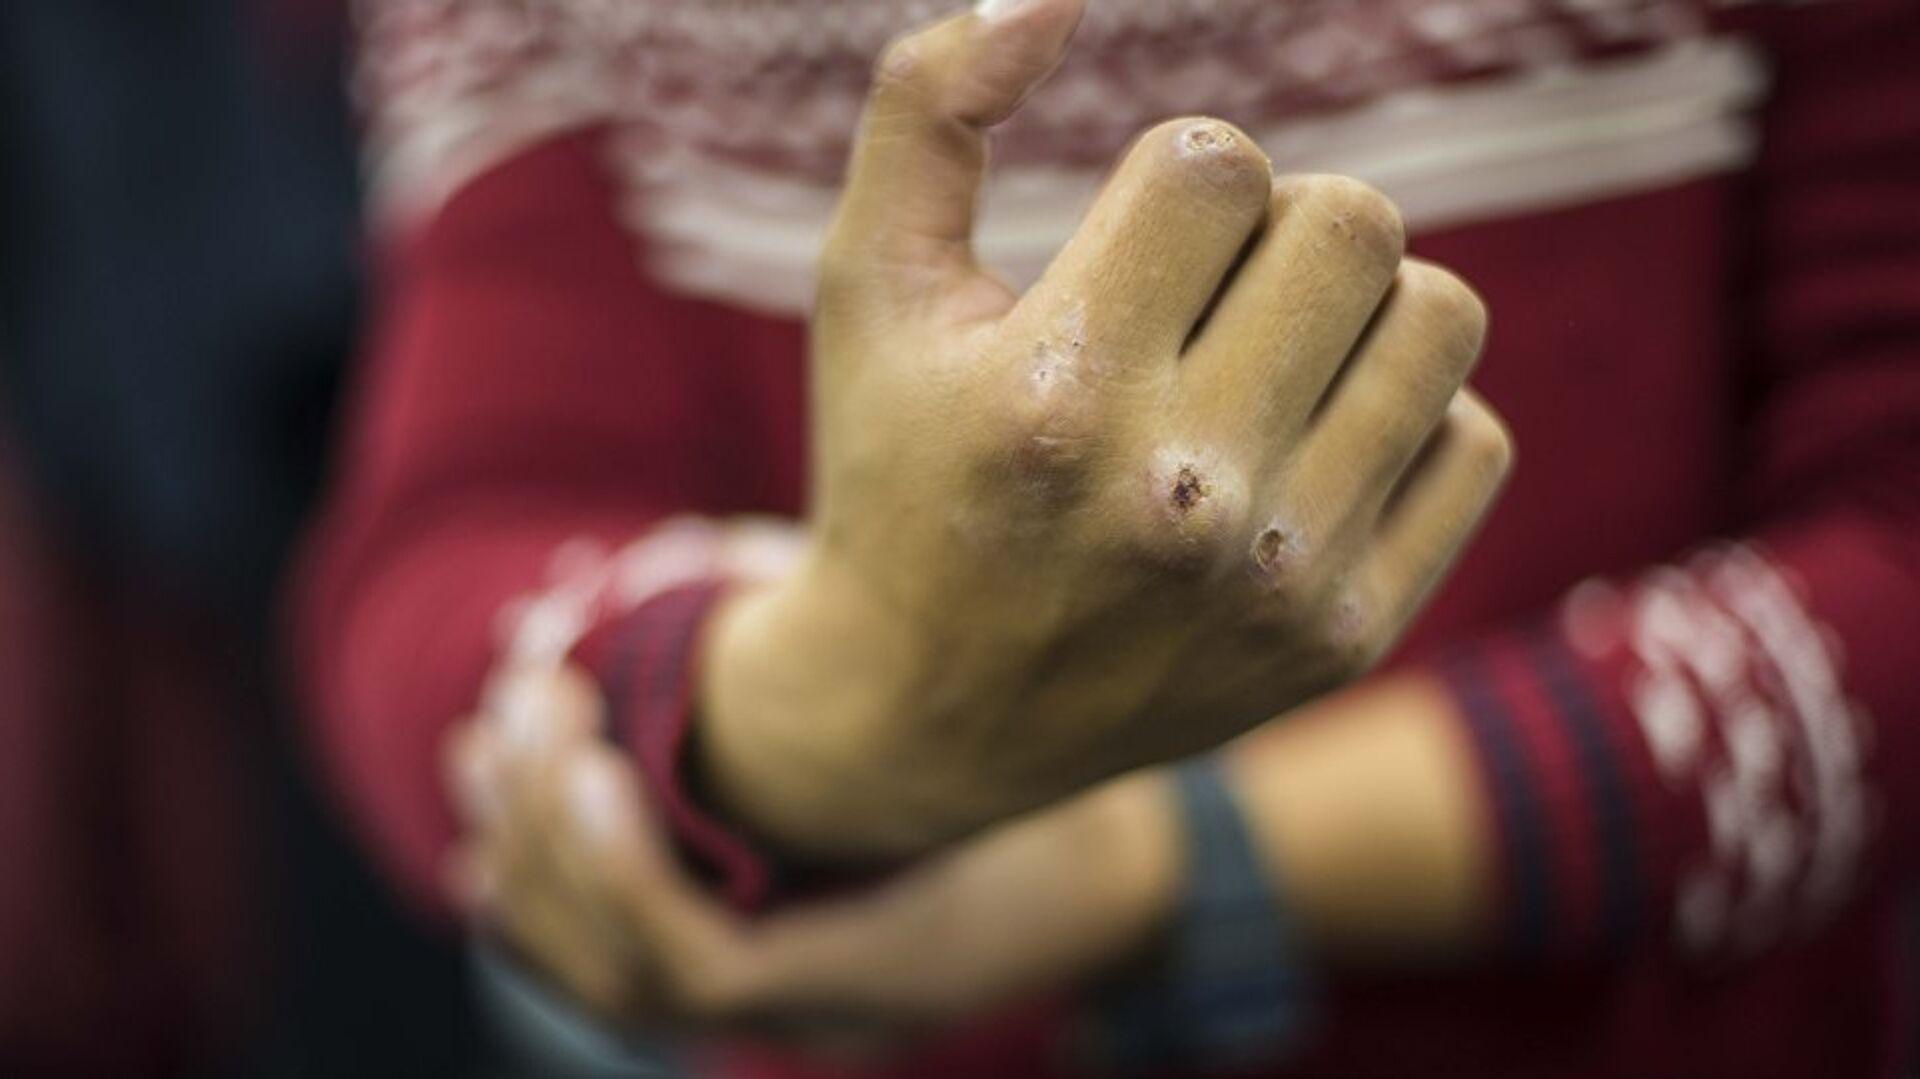 Мужчина показывает разбитый кулак, архивное фото - Sputnik Тоҷикистон, 1920, 24.09.2021